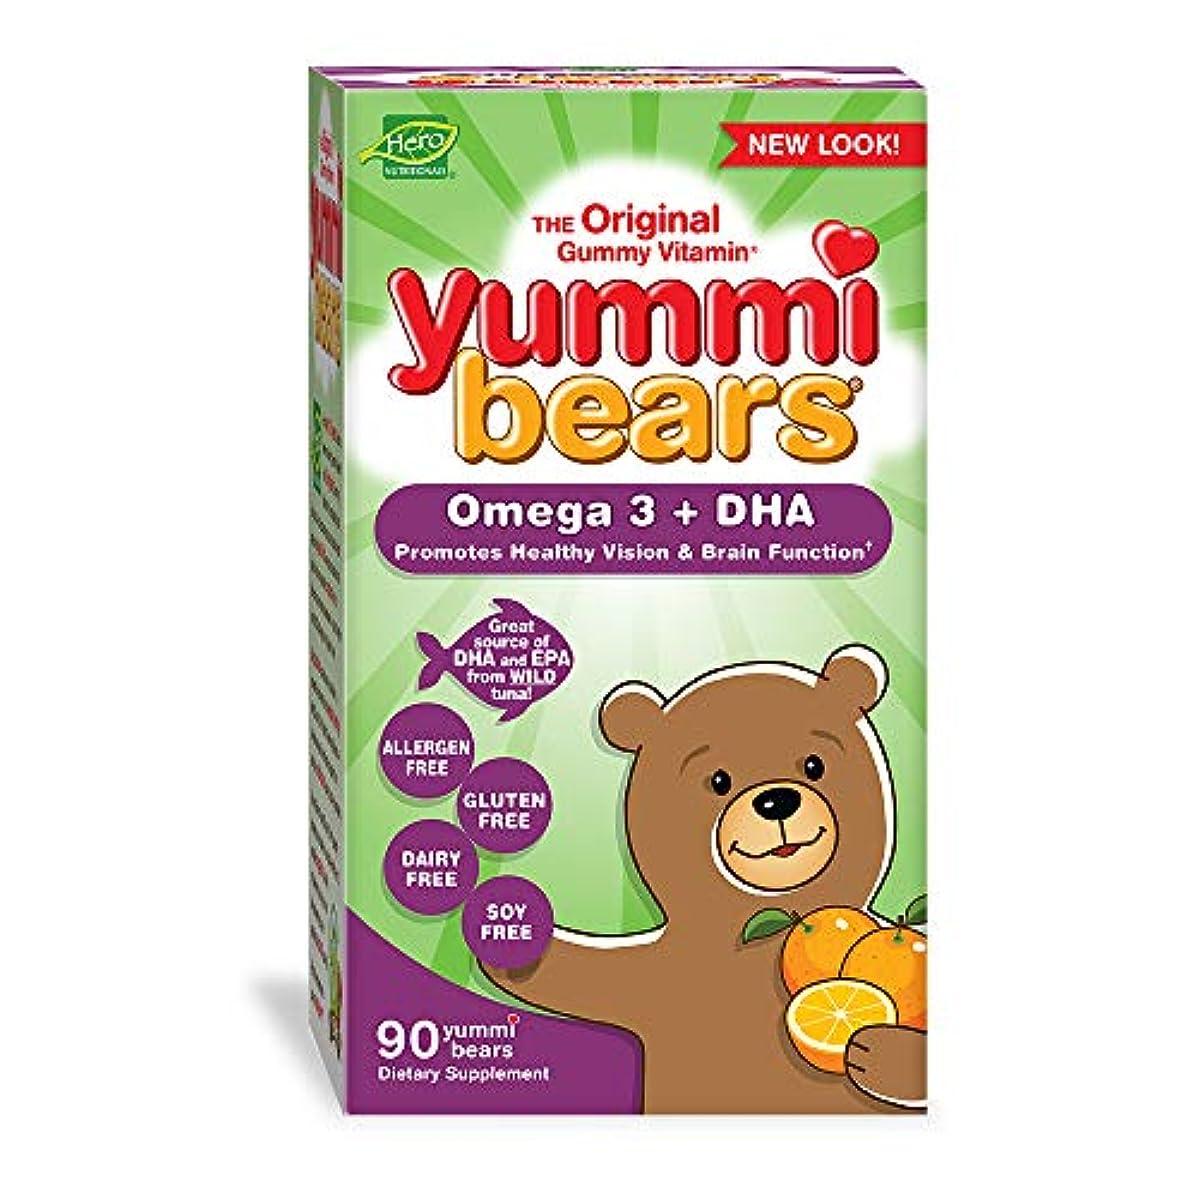 コンパニオン予知スタジオ海外直送品 Yummi Bears (Hero Nutritional Products) Yummi Bears DHA, 90 CT